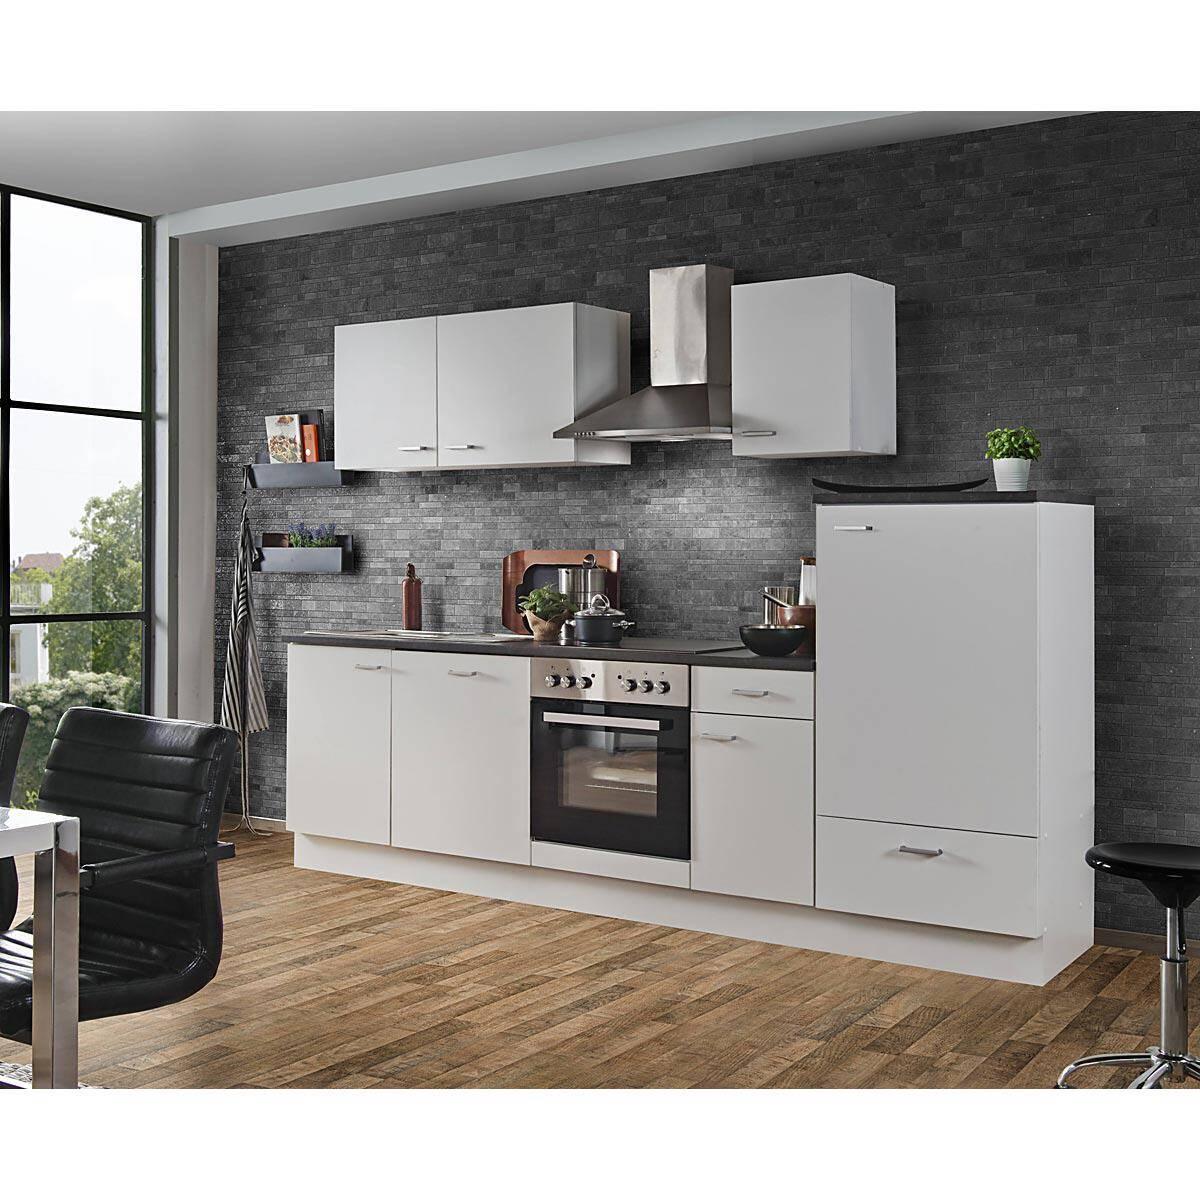 Küchezeile mit Geräten Weiss 12 cm inklusive Geschirrspüler E-Geräte  Einbauküche frei kombinierbar